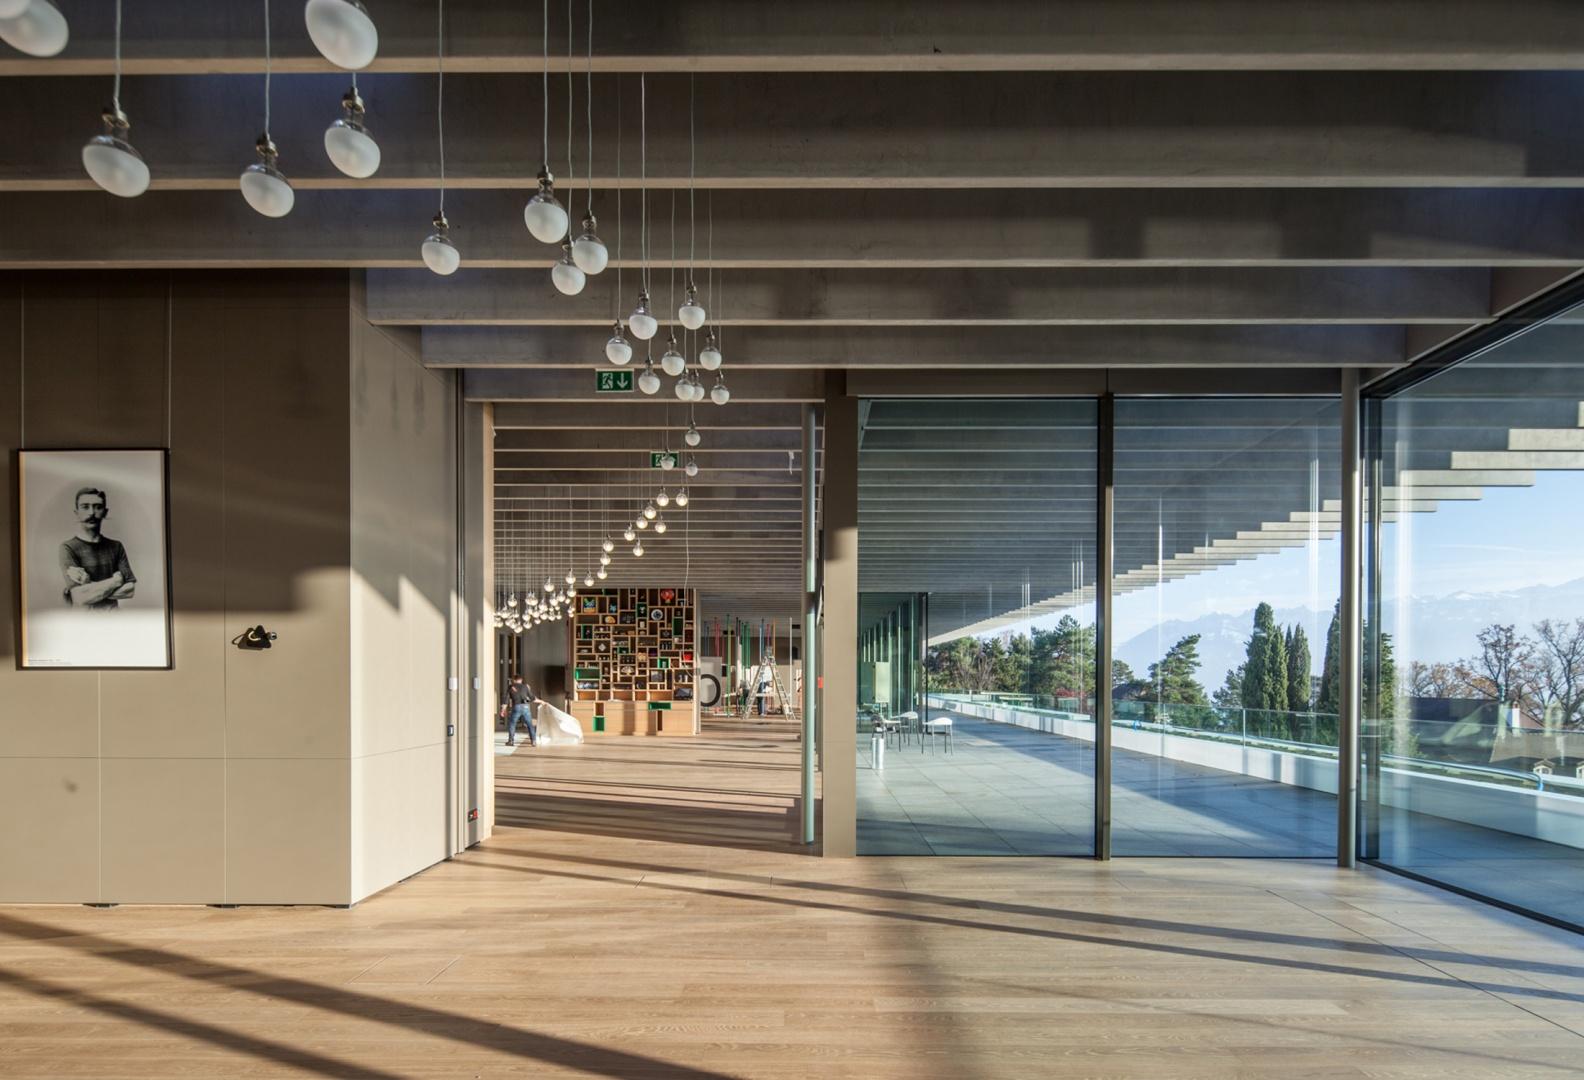 Ausstellungsraum und Terrasse © B+W, Marc Schellenberg